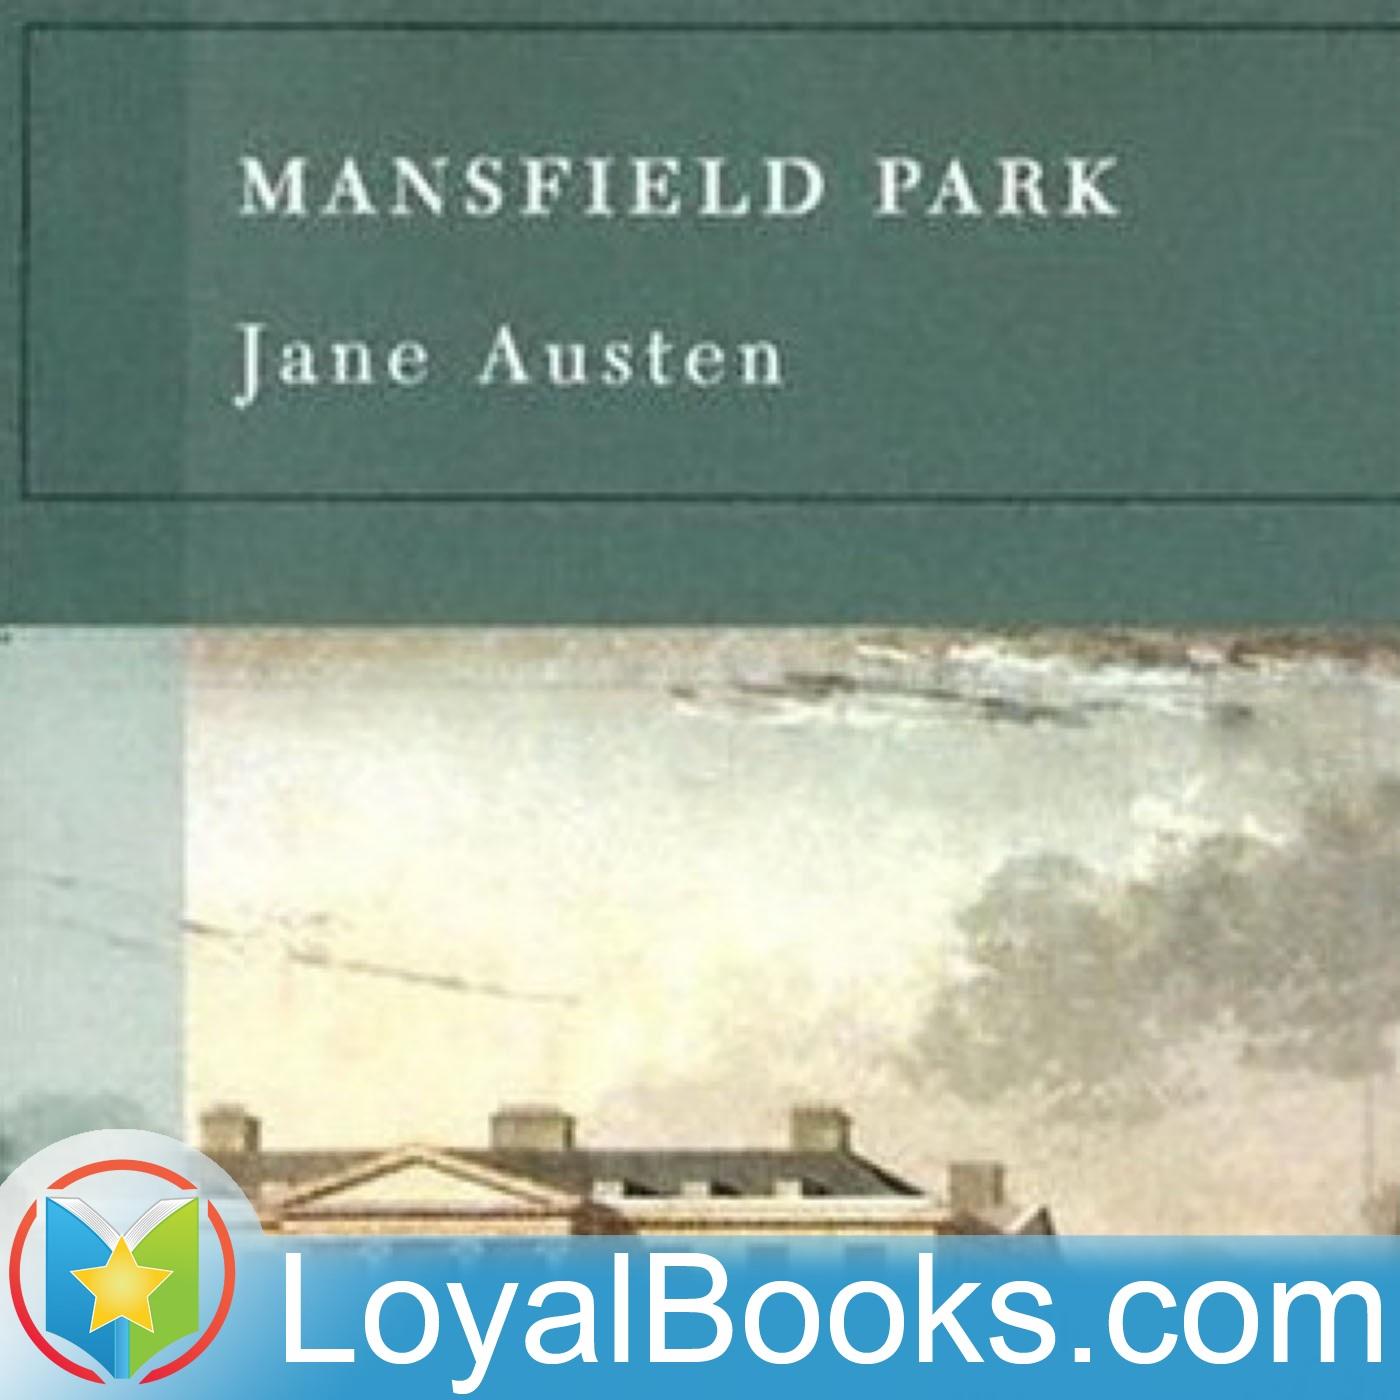 <![CDATA[Mansfield Park by Jane Austen]]>